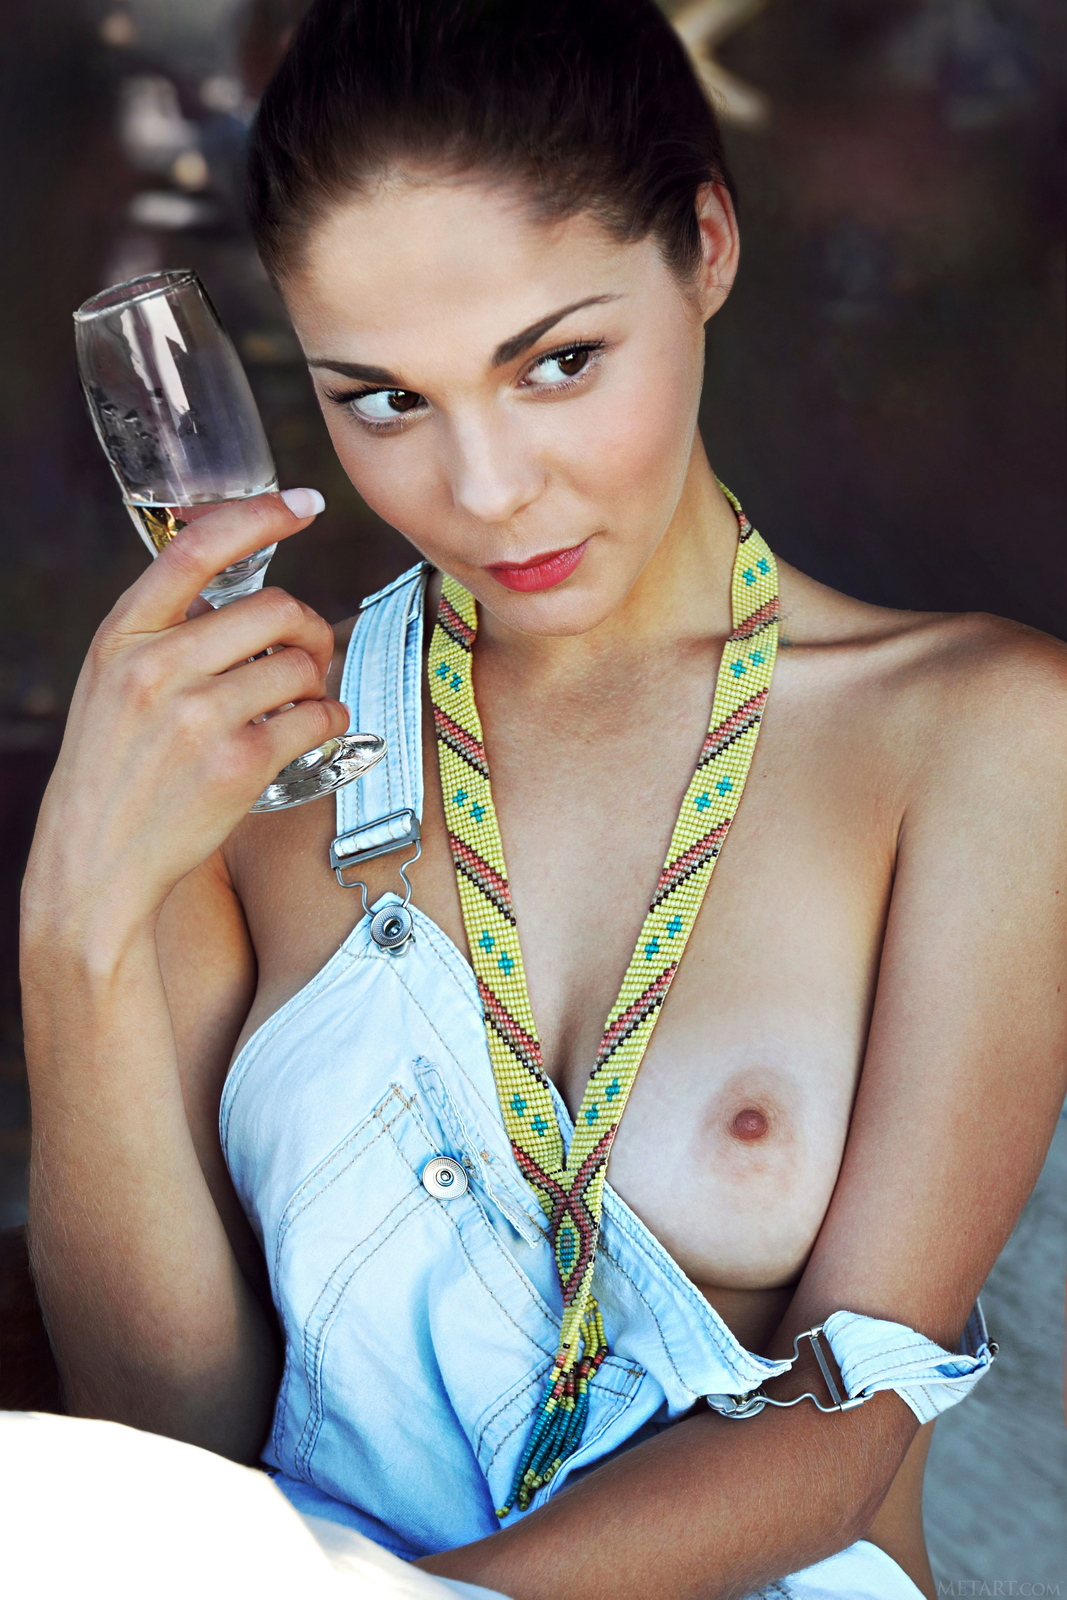 cаllistа-b-nude-denim-dungarees-brunette-met-art-07